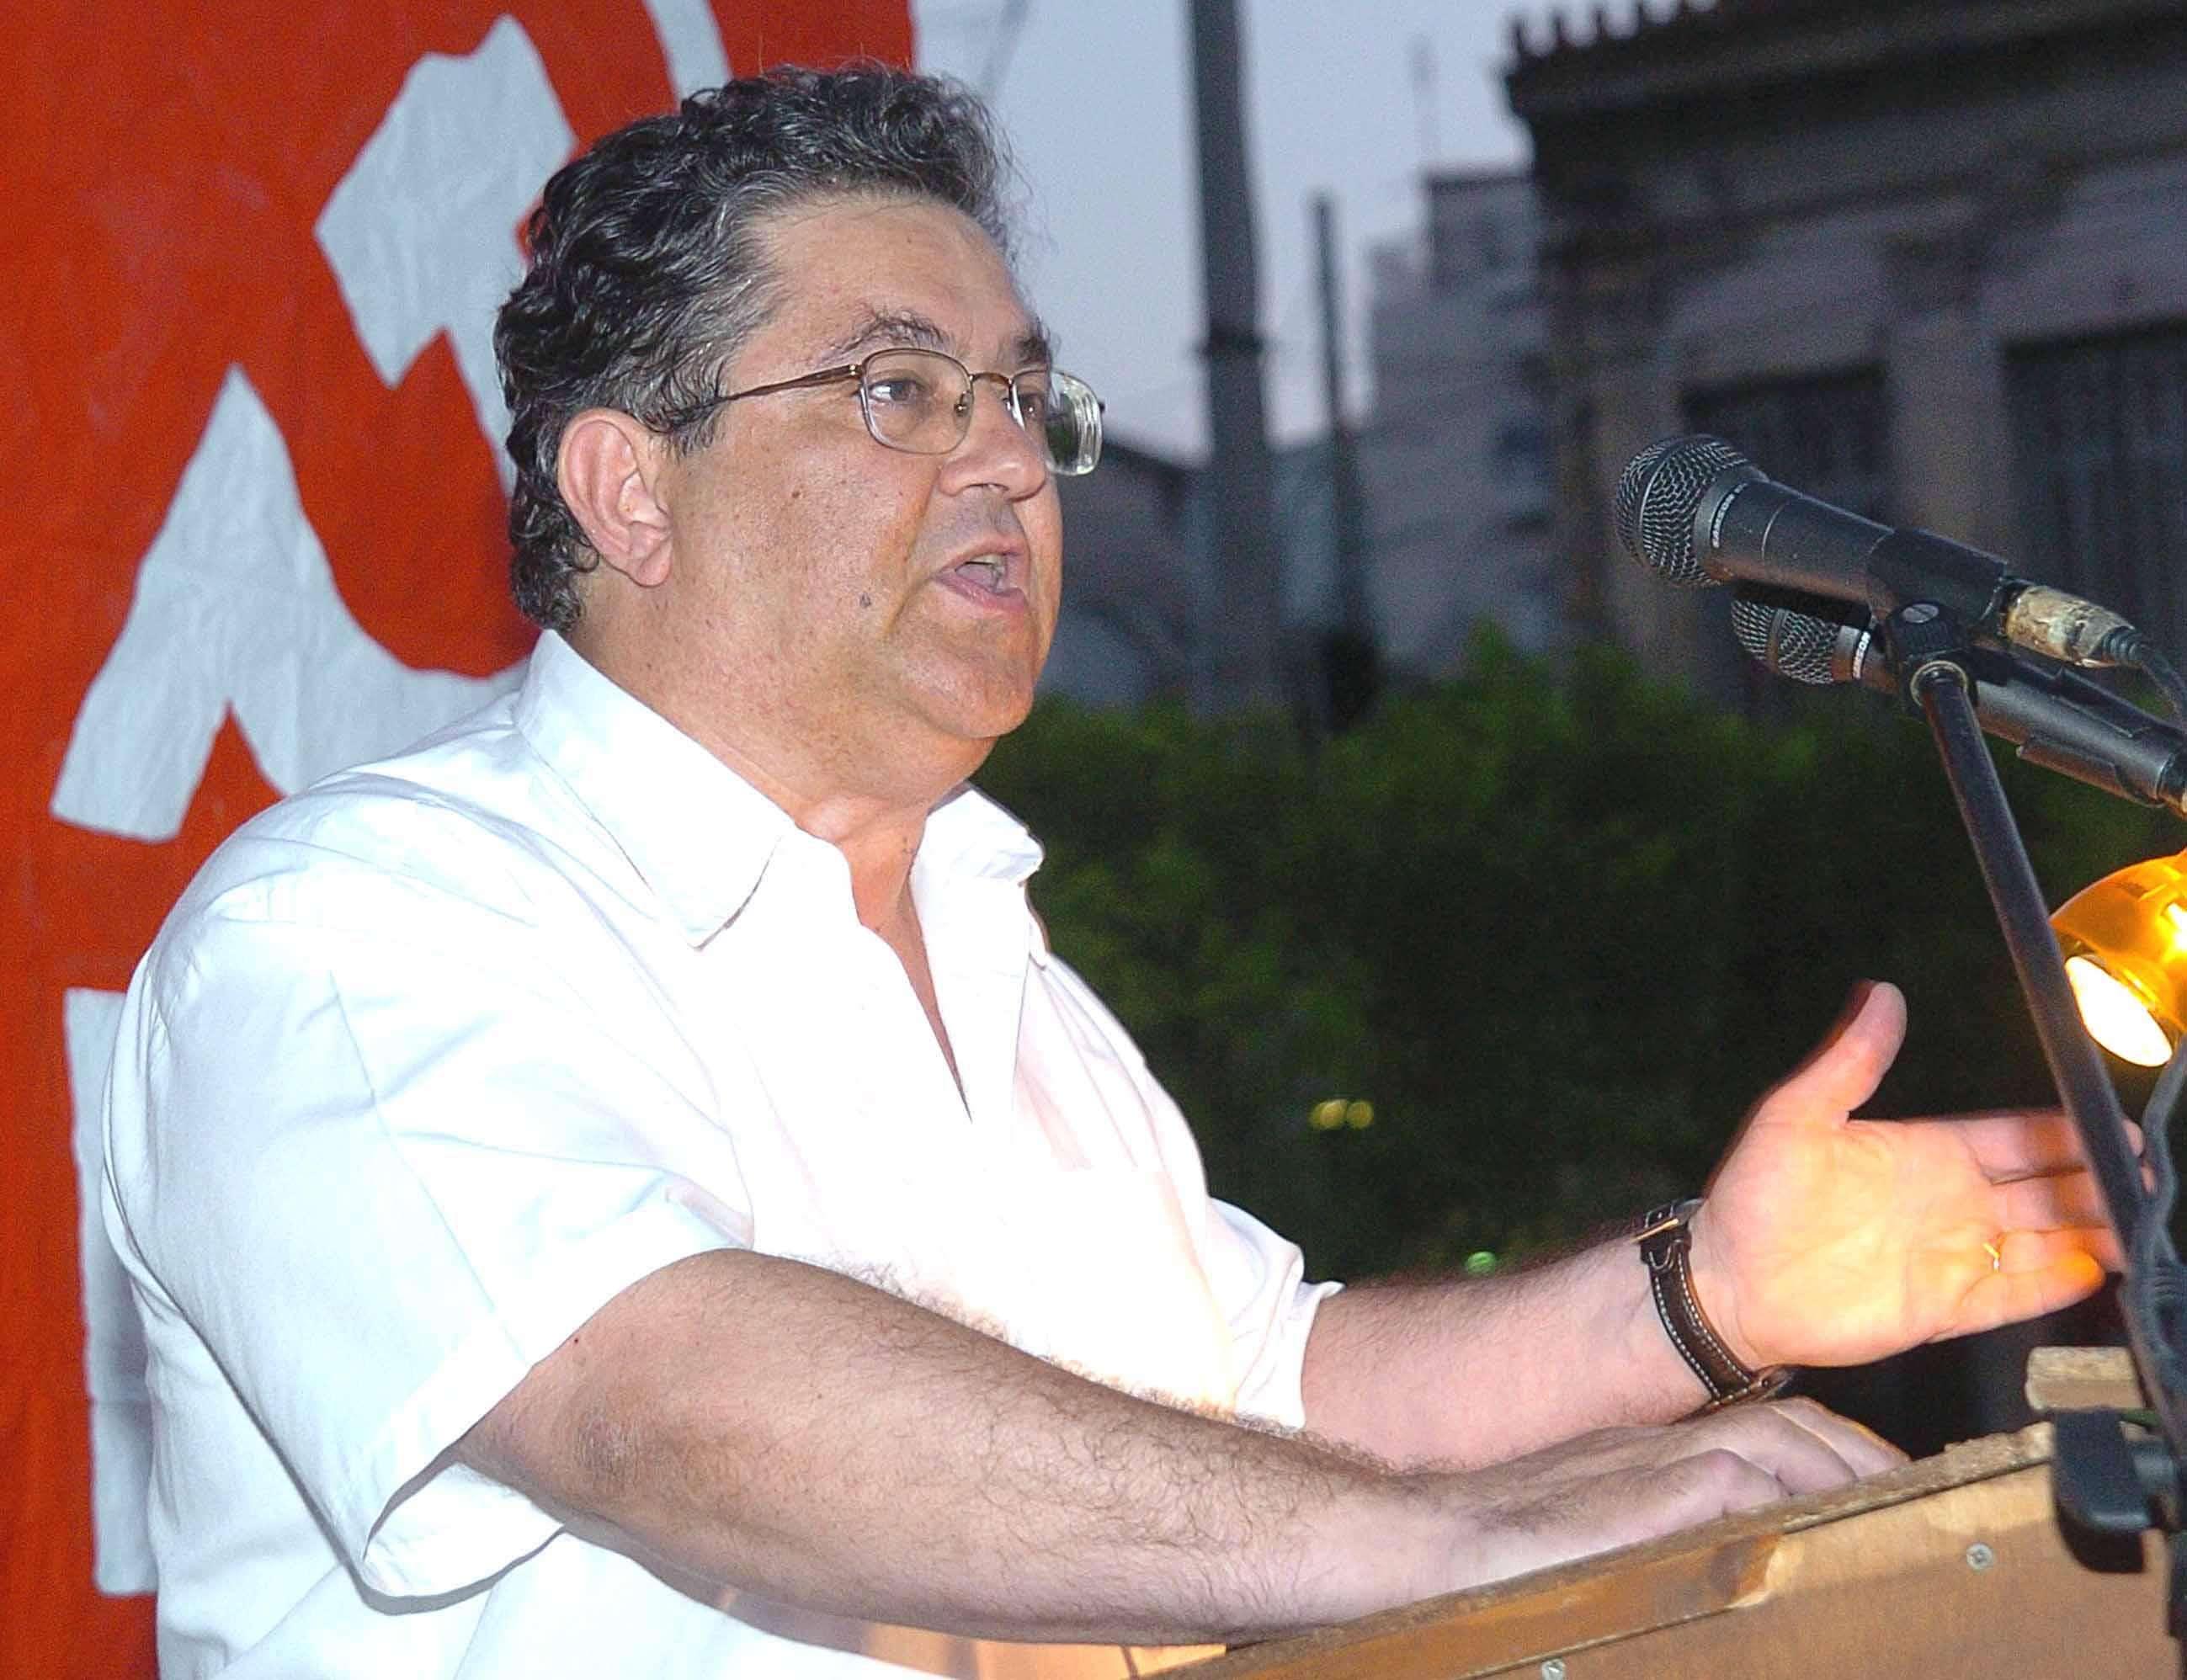 Η ηγεσία του ΚΚΕ μιλά και συμπεριφέρεται σαν να προασπίζεται ένα πολιορκημένο κάστρο, το κάστρο του κομμουνισμού, το καταφύγιο των απανταχού κατατρεγμένων.